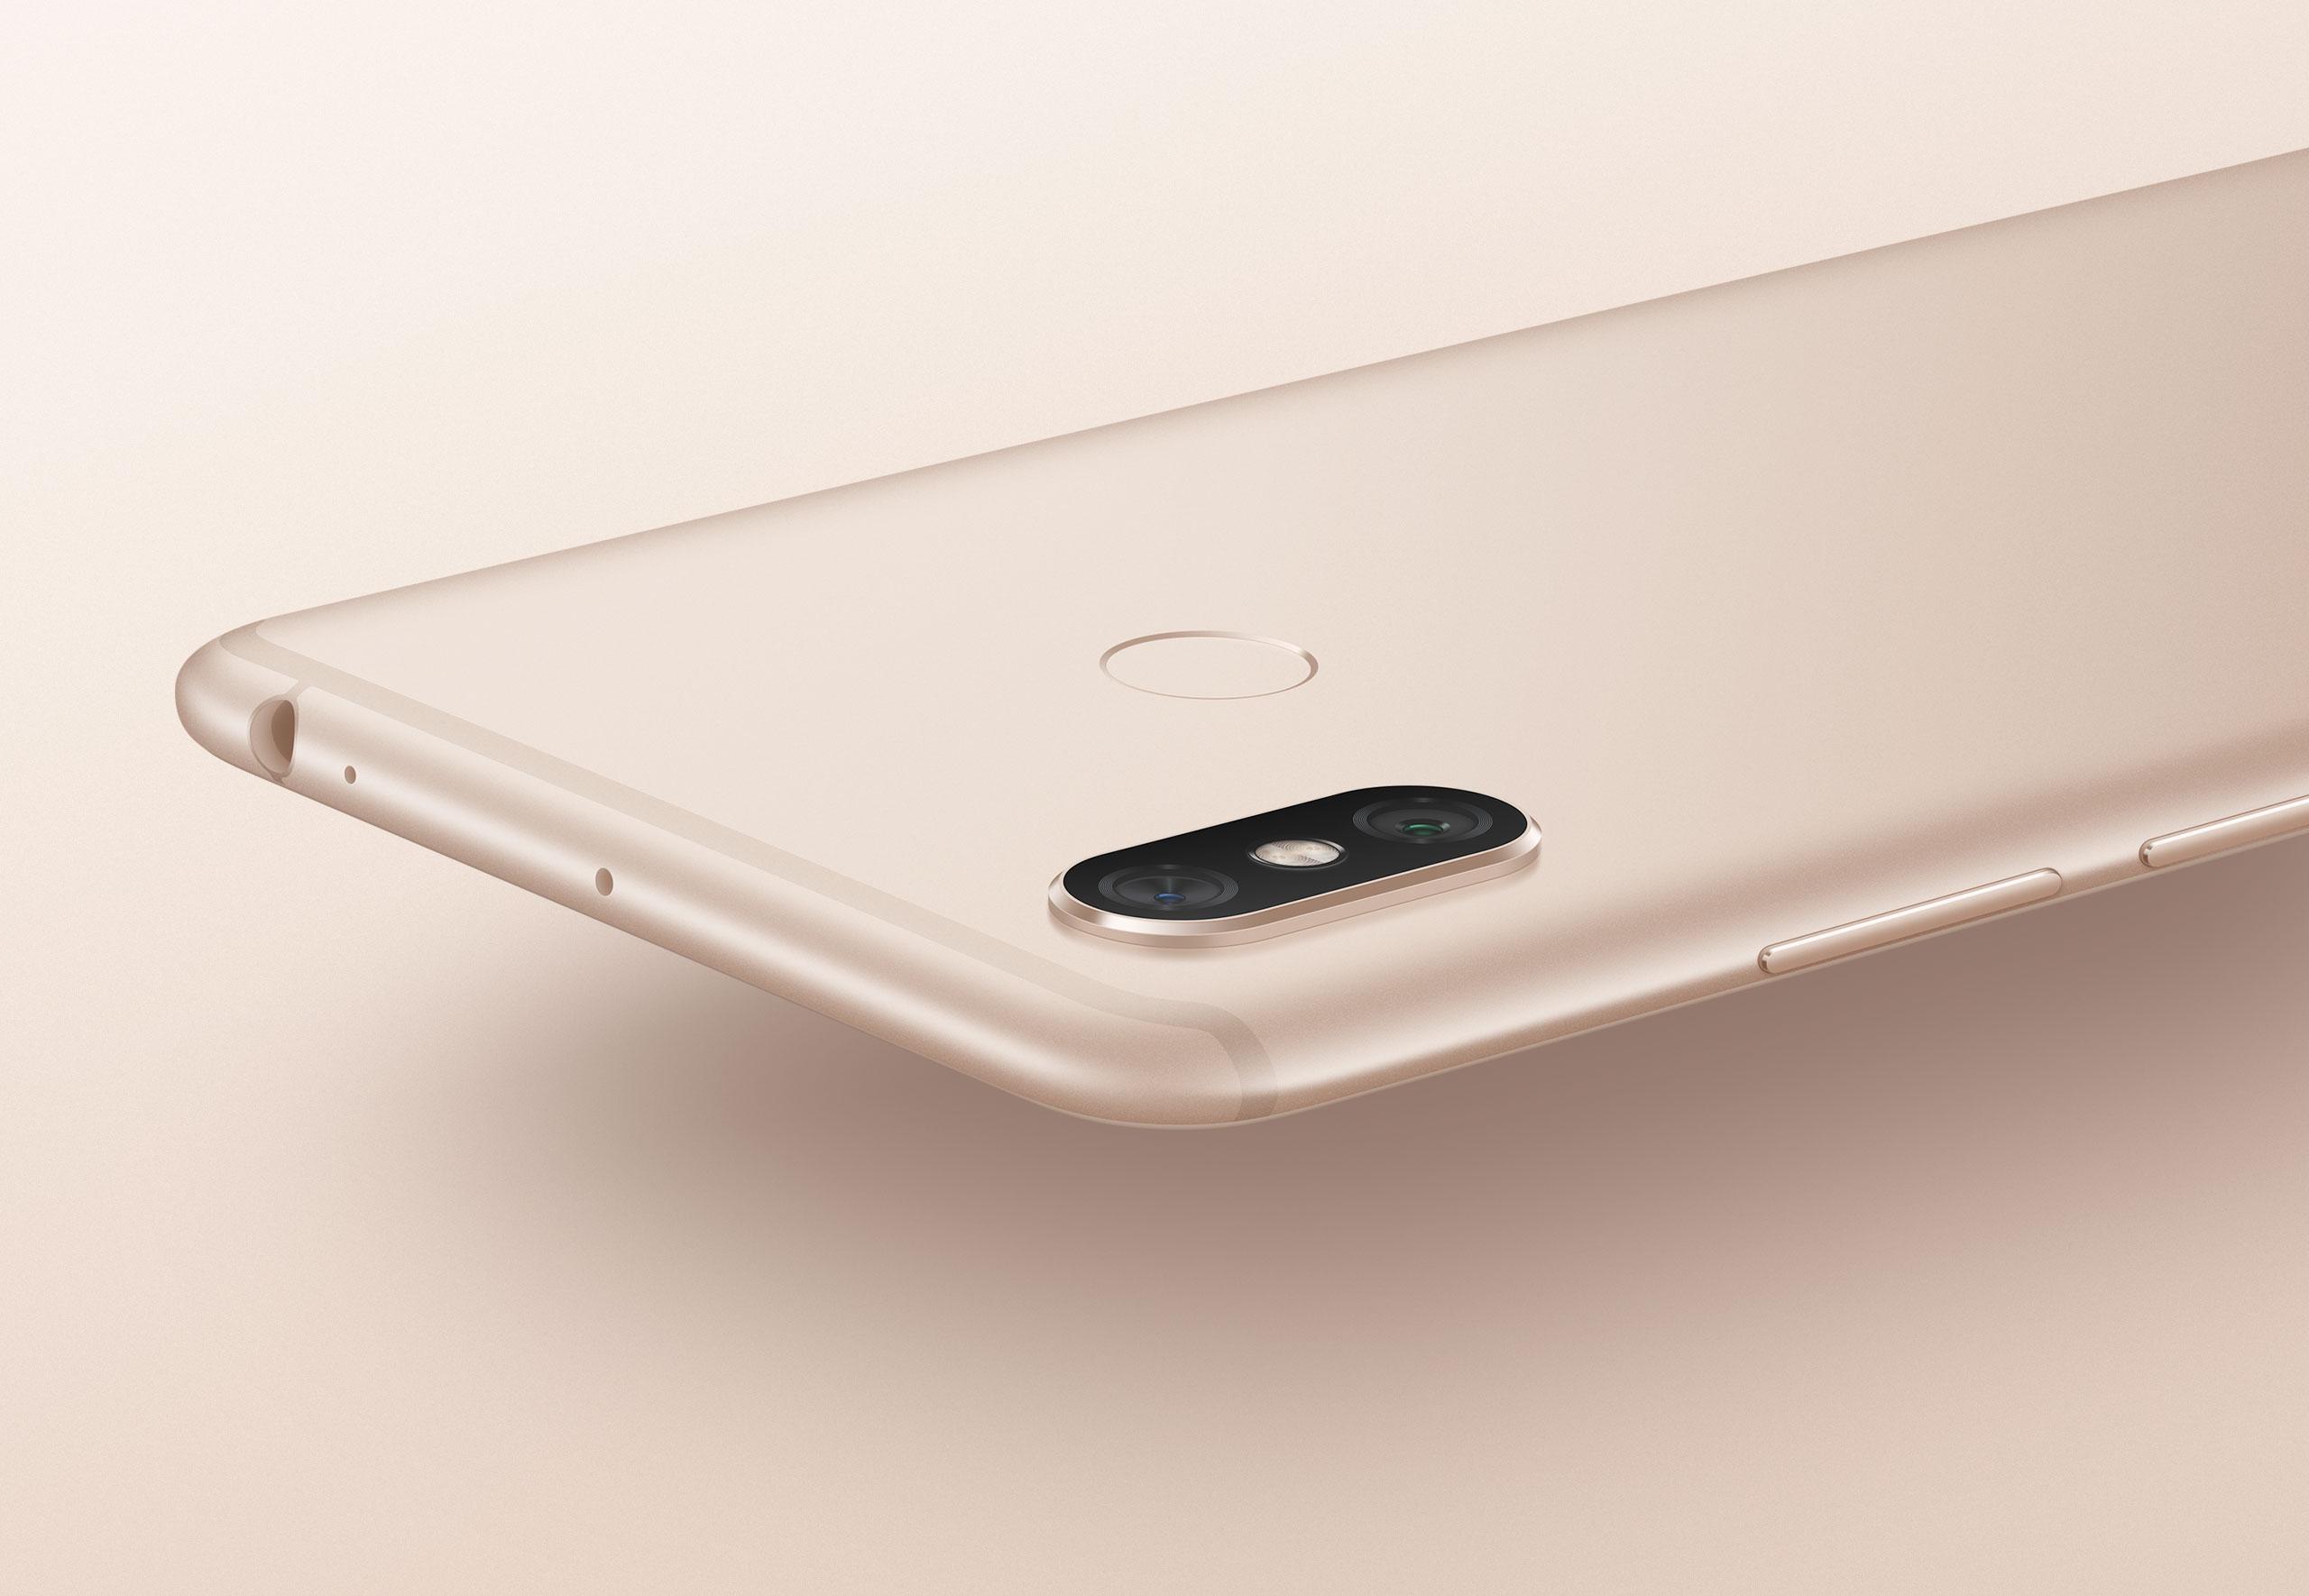 Xiaomi Mi Max 3 получает апдейт MIUI 9.6.6 с различными улучшениями